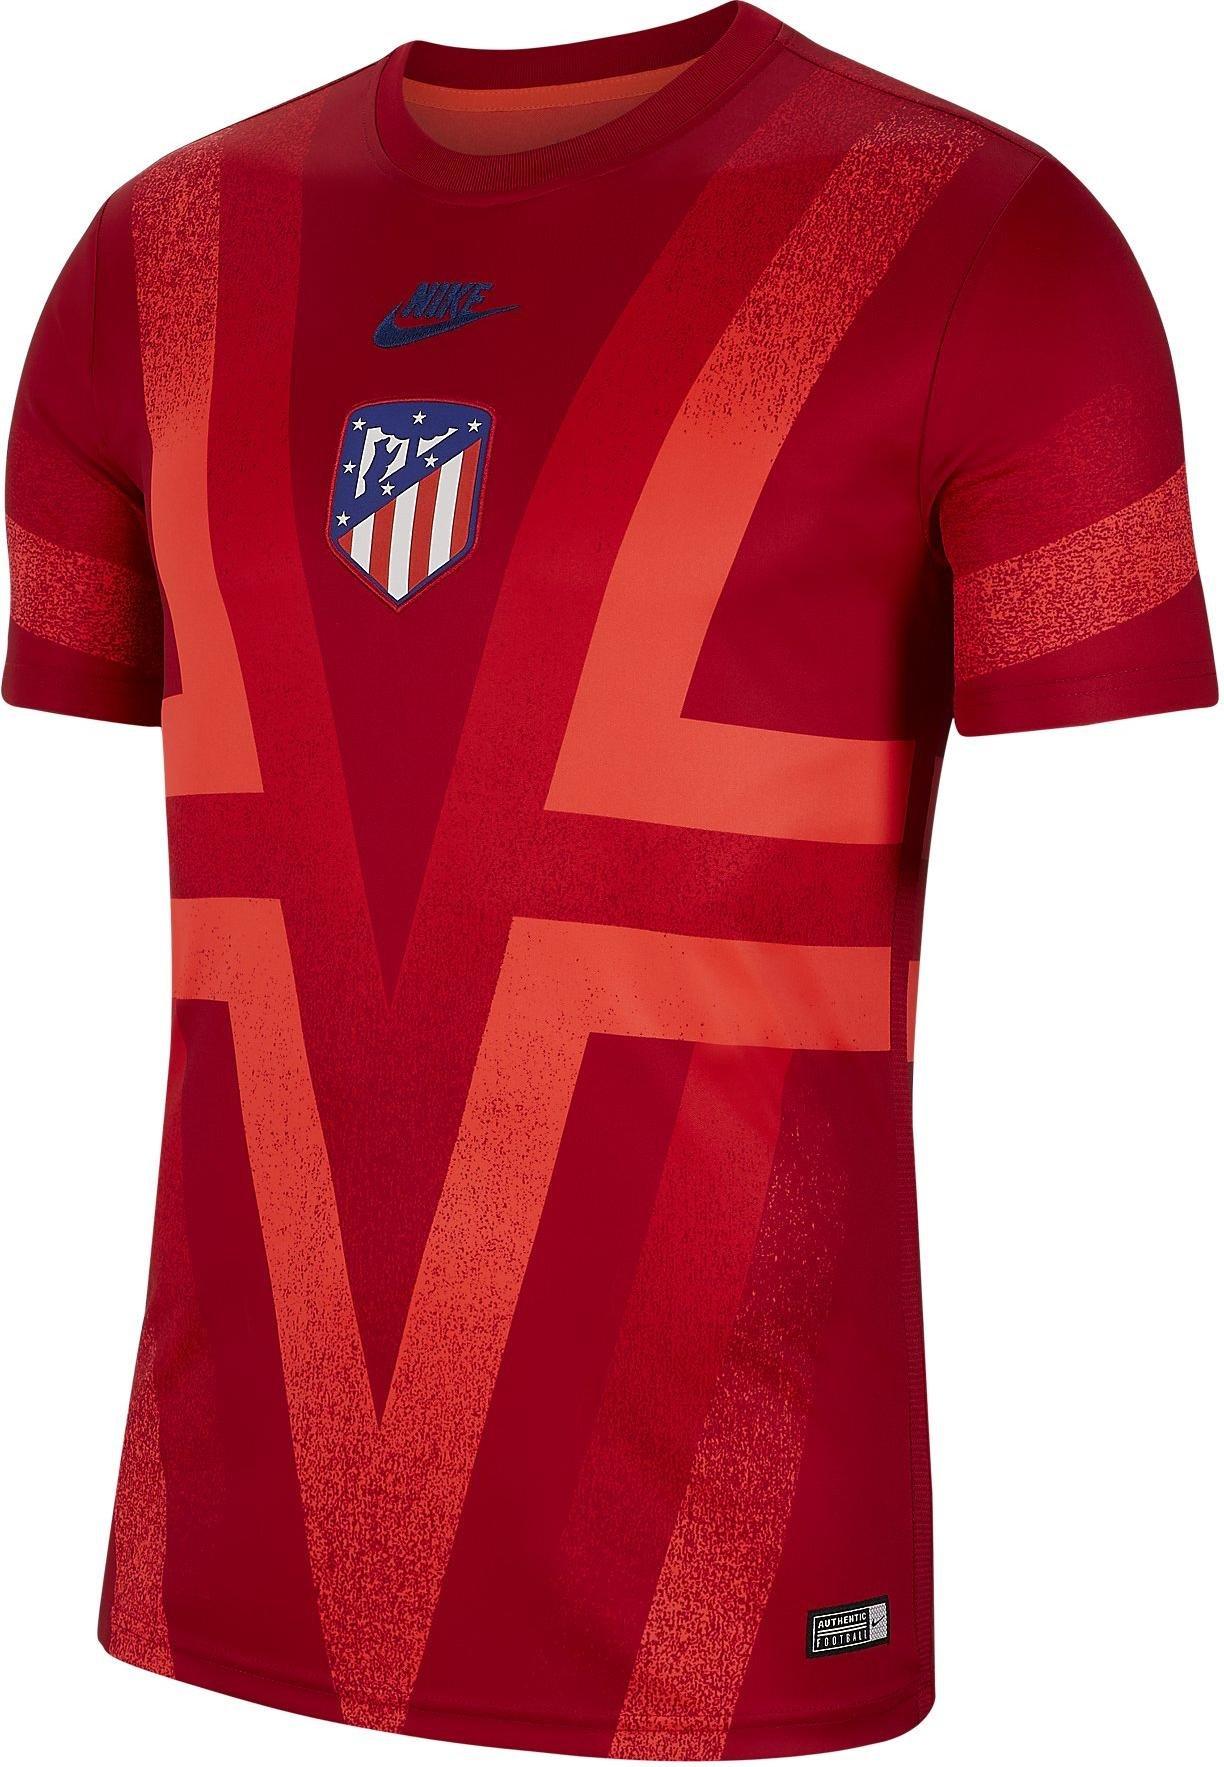 Tee shirt Nike ATM M NK DRY TOP SS PMV CL 201920